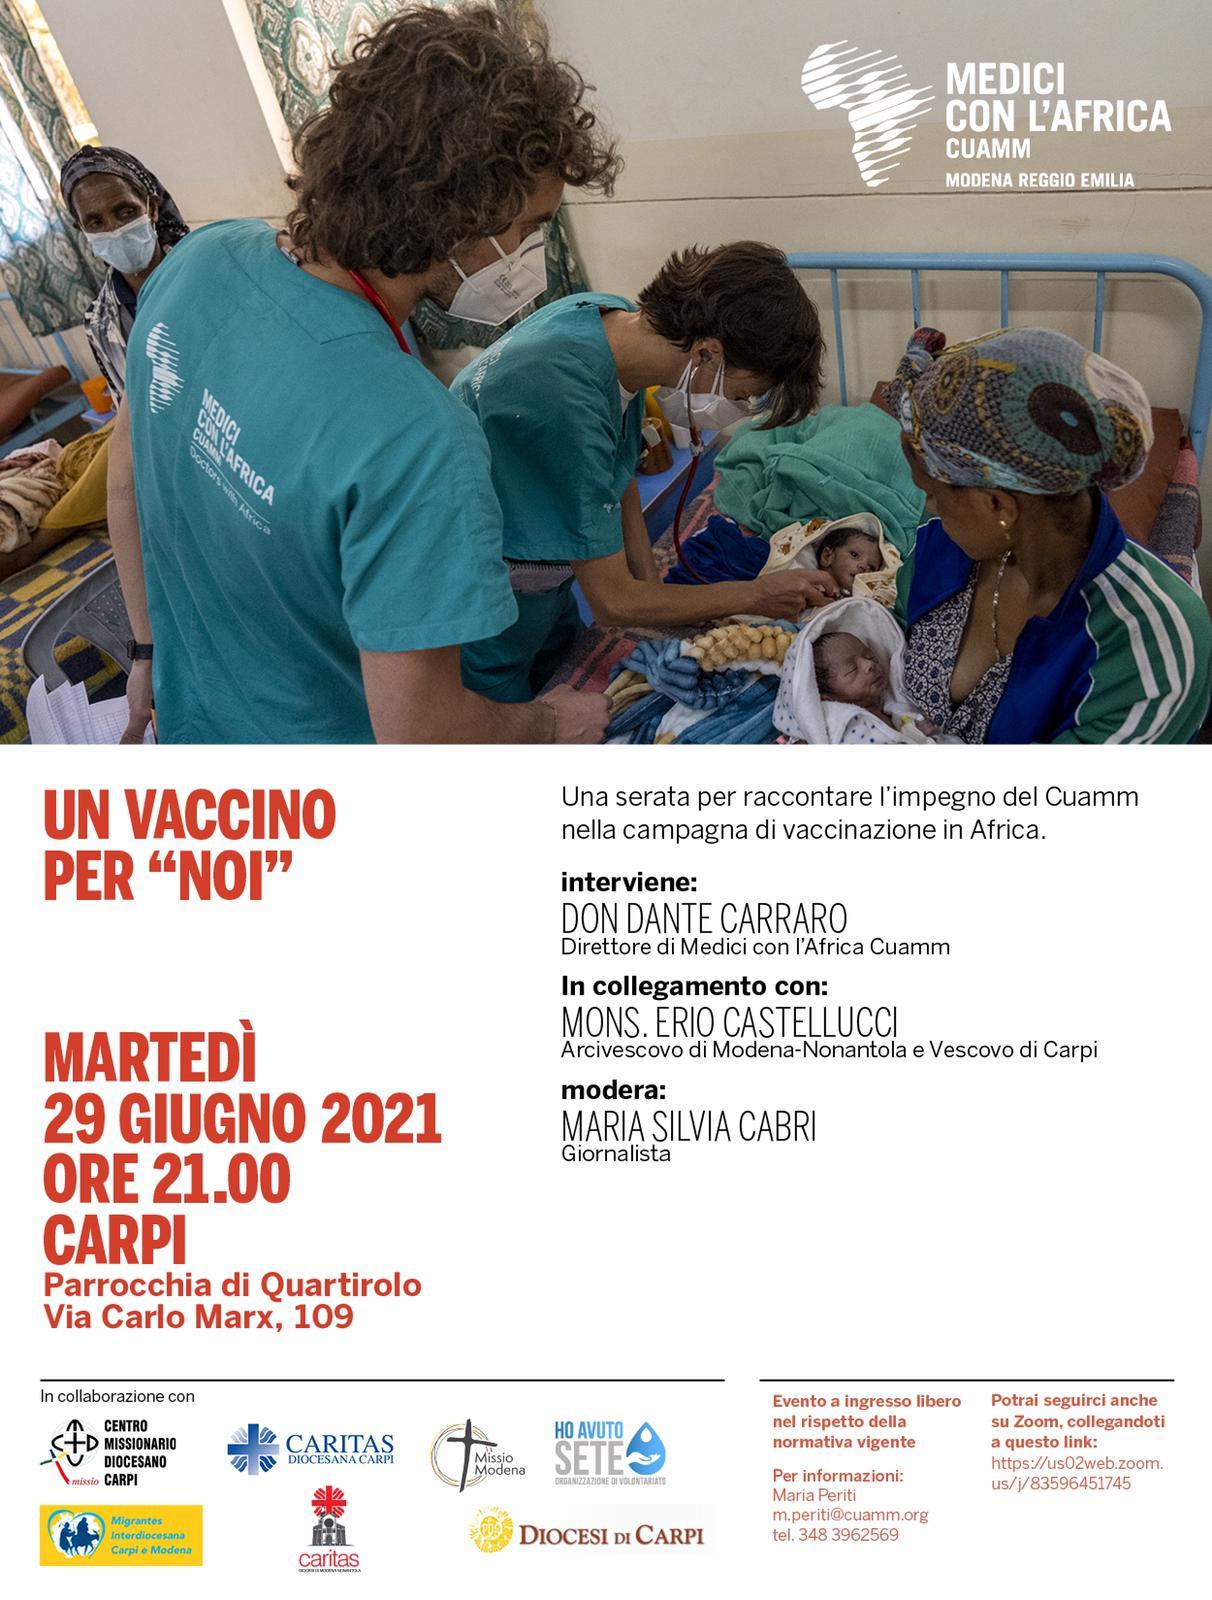 Serata con Medici con l'Africa Cuamm a Quartirolo